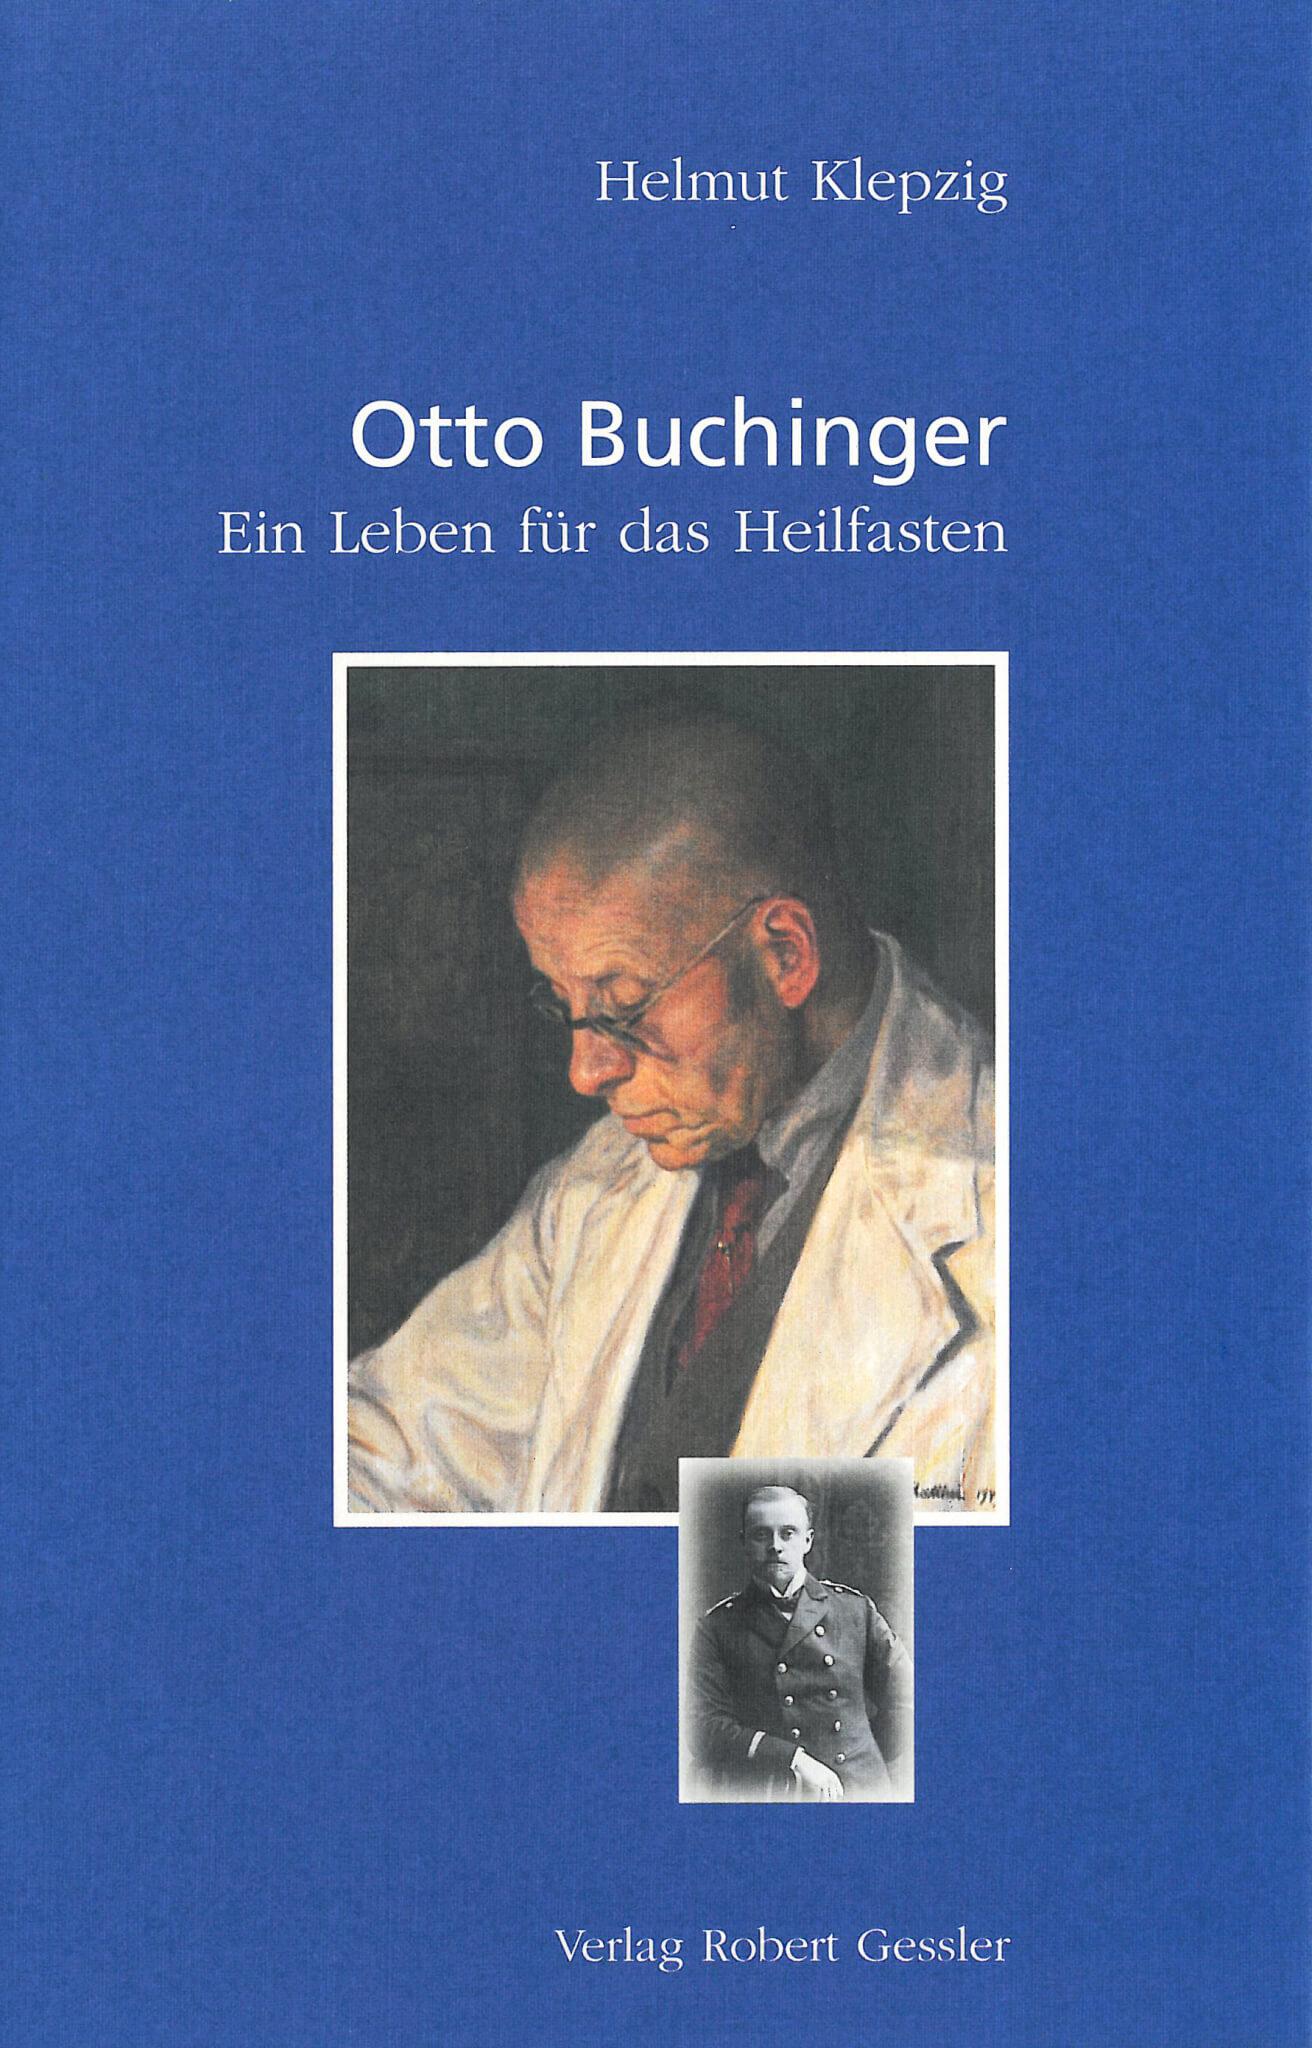 Buchinger Wilhelmi, Fasten, Heilfasten, Fasting, Health, Integrative Medicine, Otto Buchinger, Ein Leben für das Heilfasten, Helmut Klepzig, Science, Wissenschaft